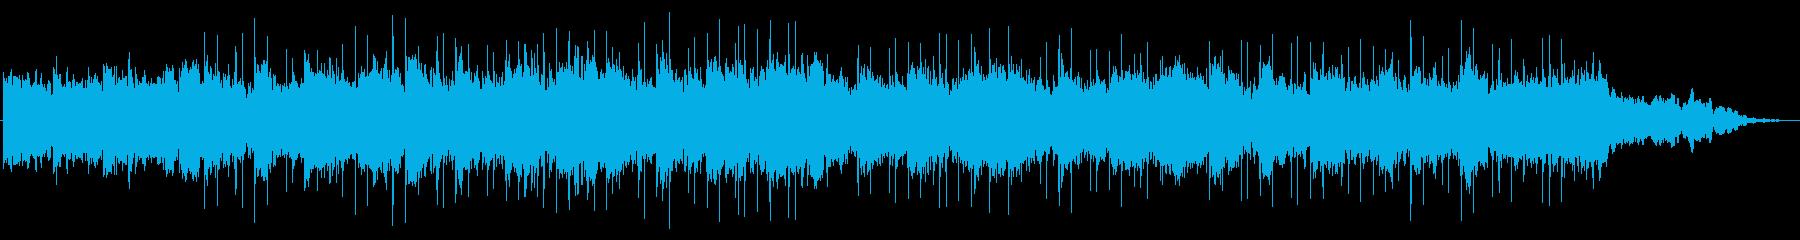 【LOFI HIPHOP】ミステリアスの再生済みの波形